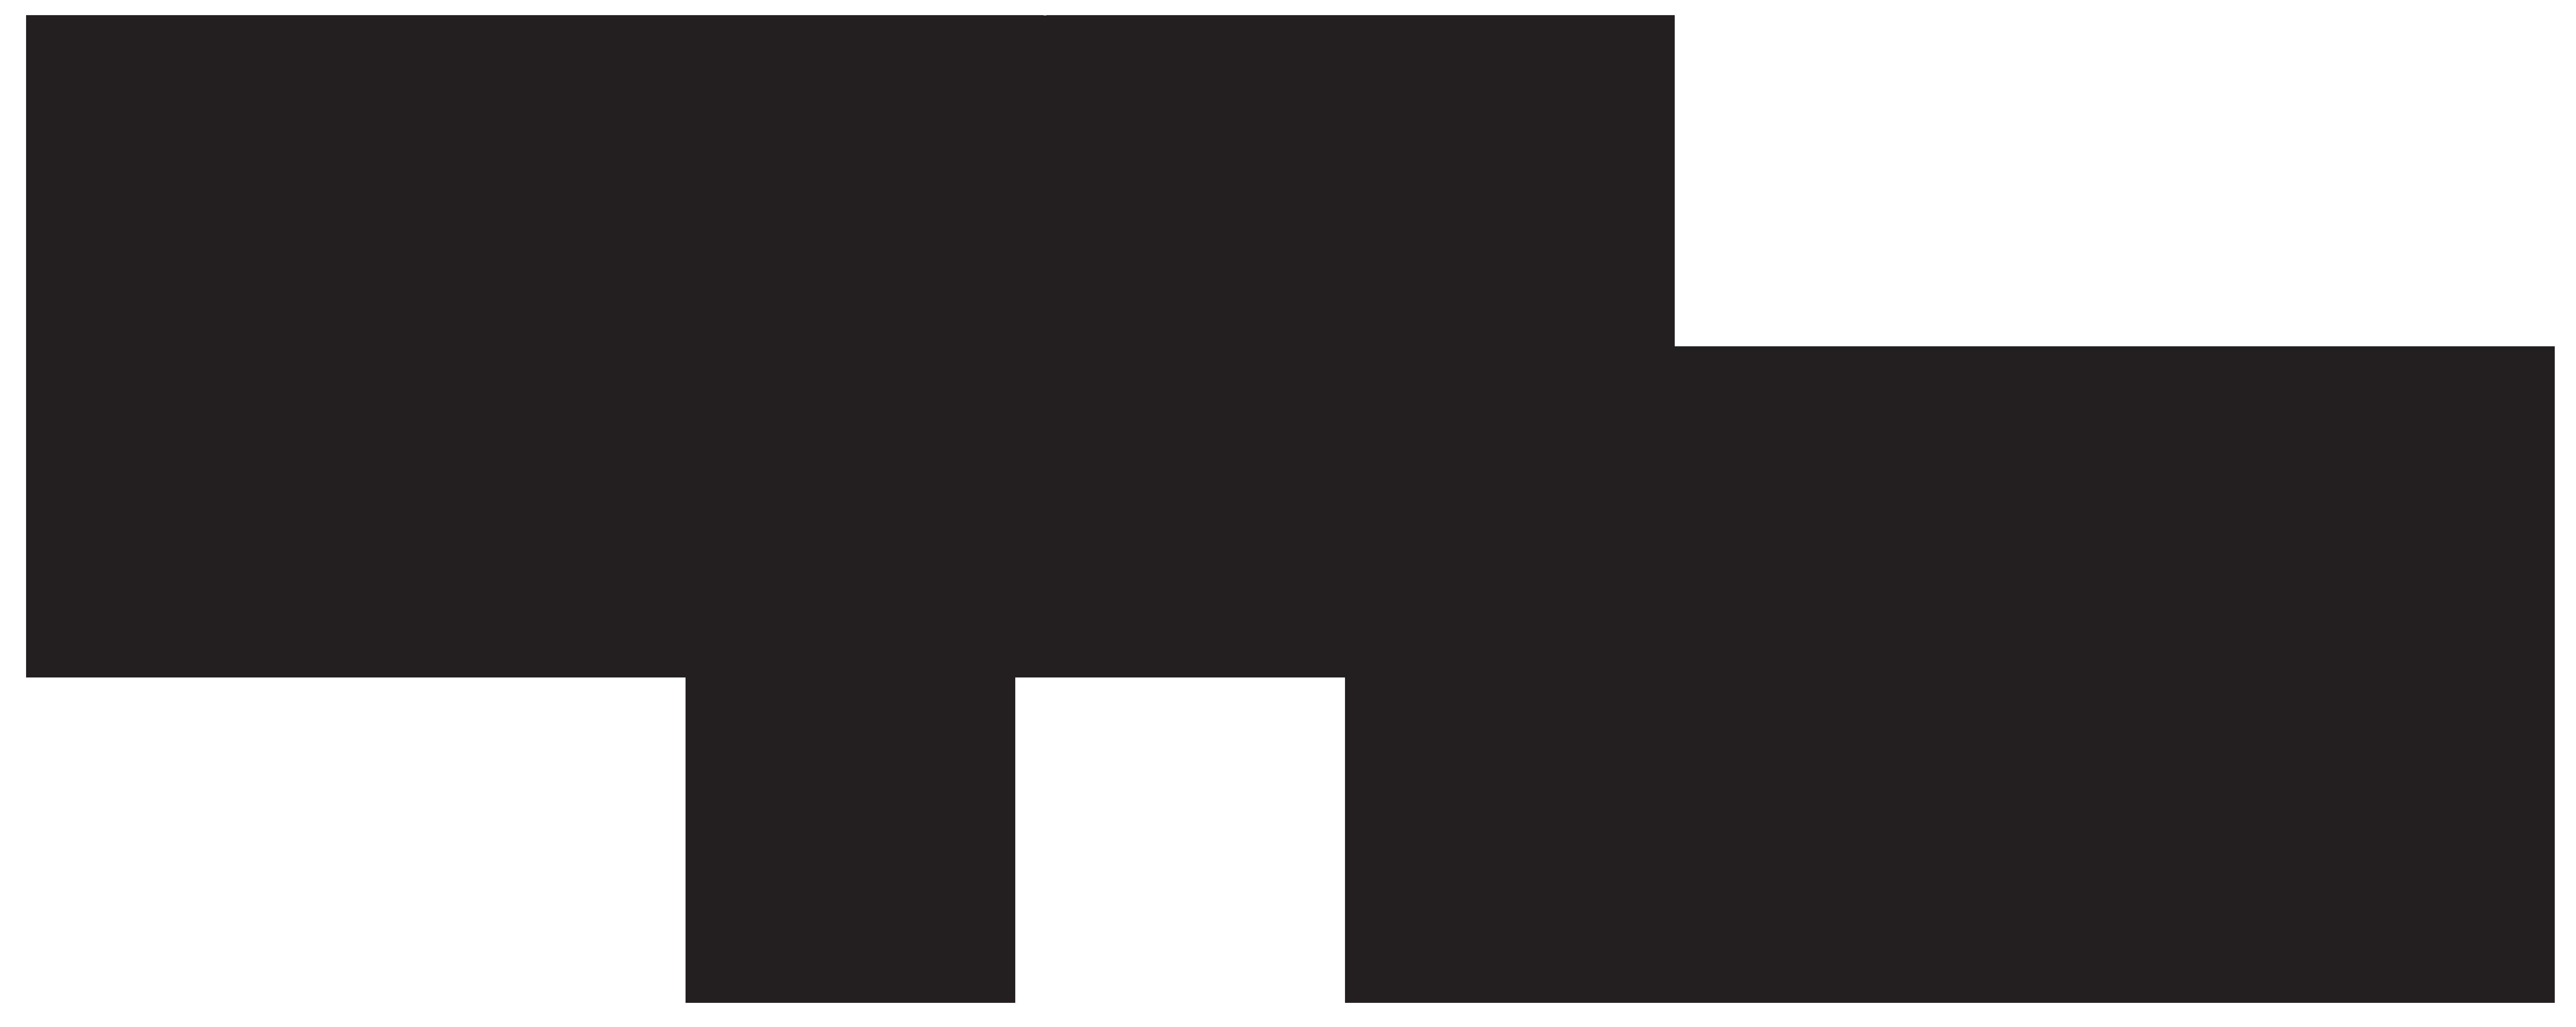 8000x3188 Hammerhead Shark Clipart Easy